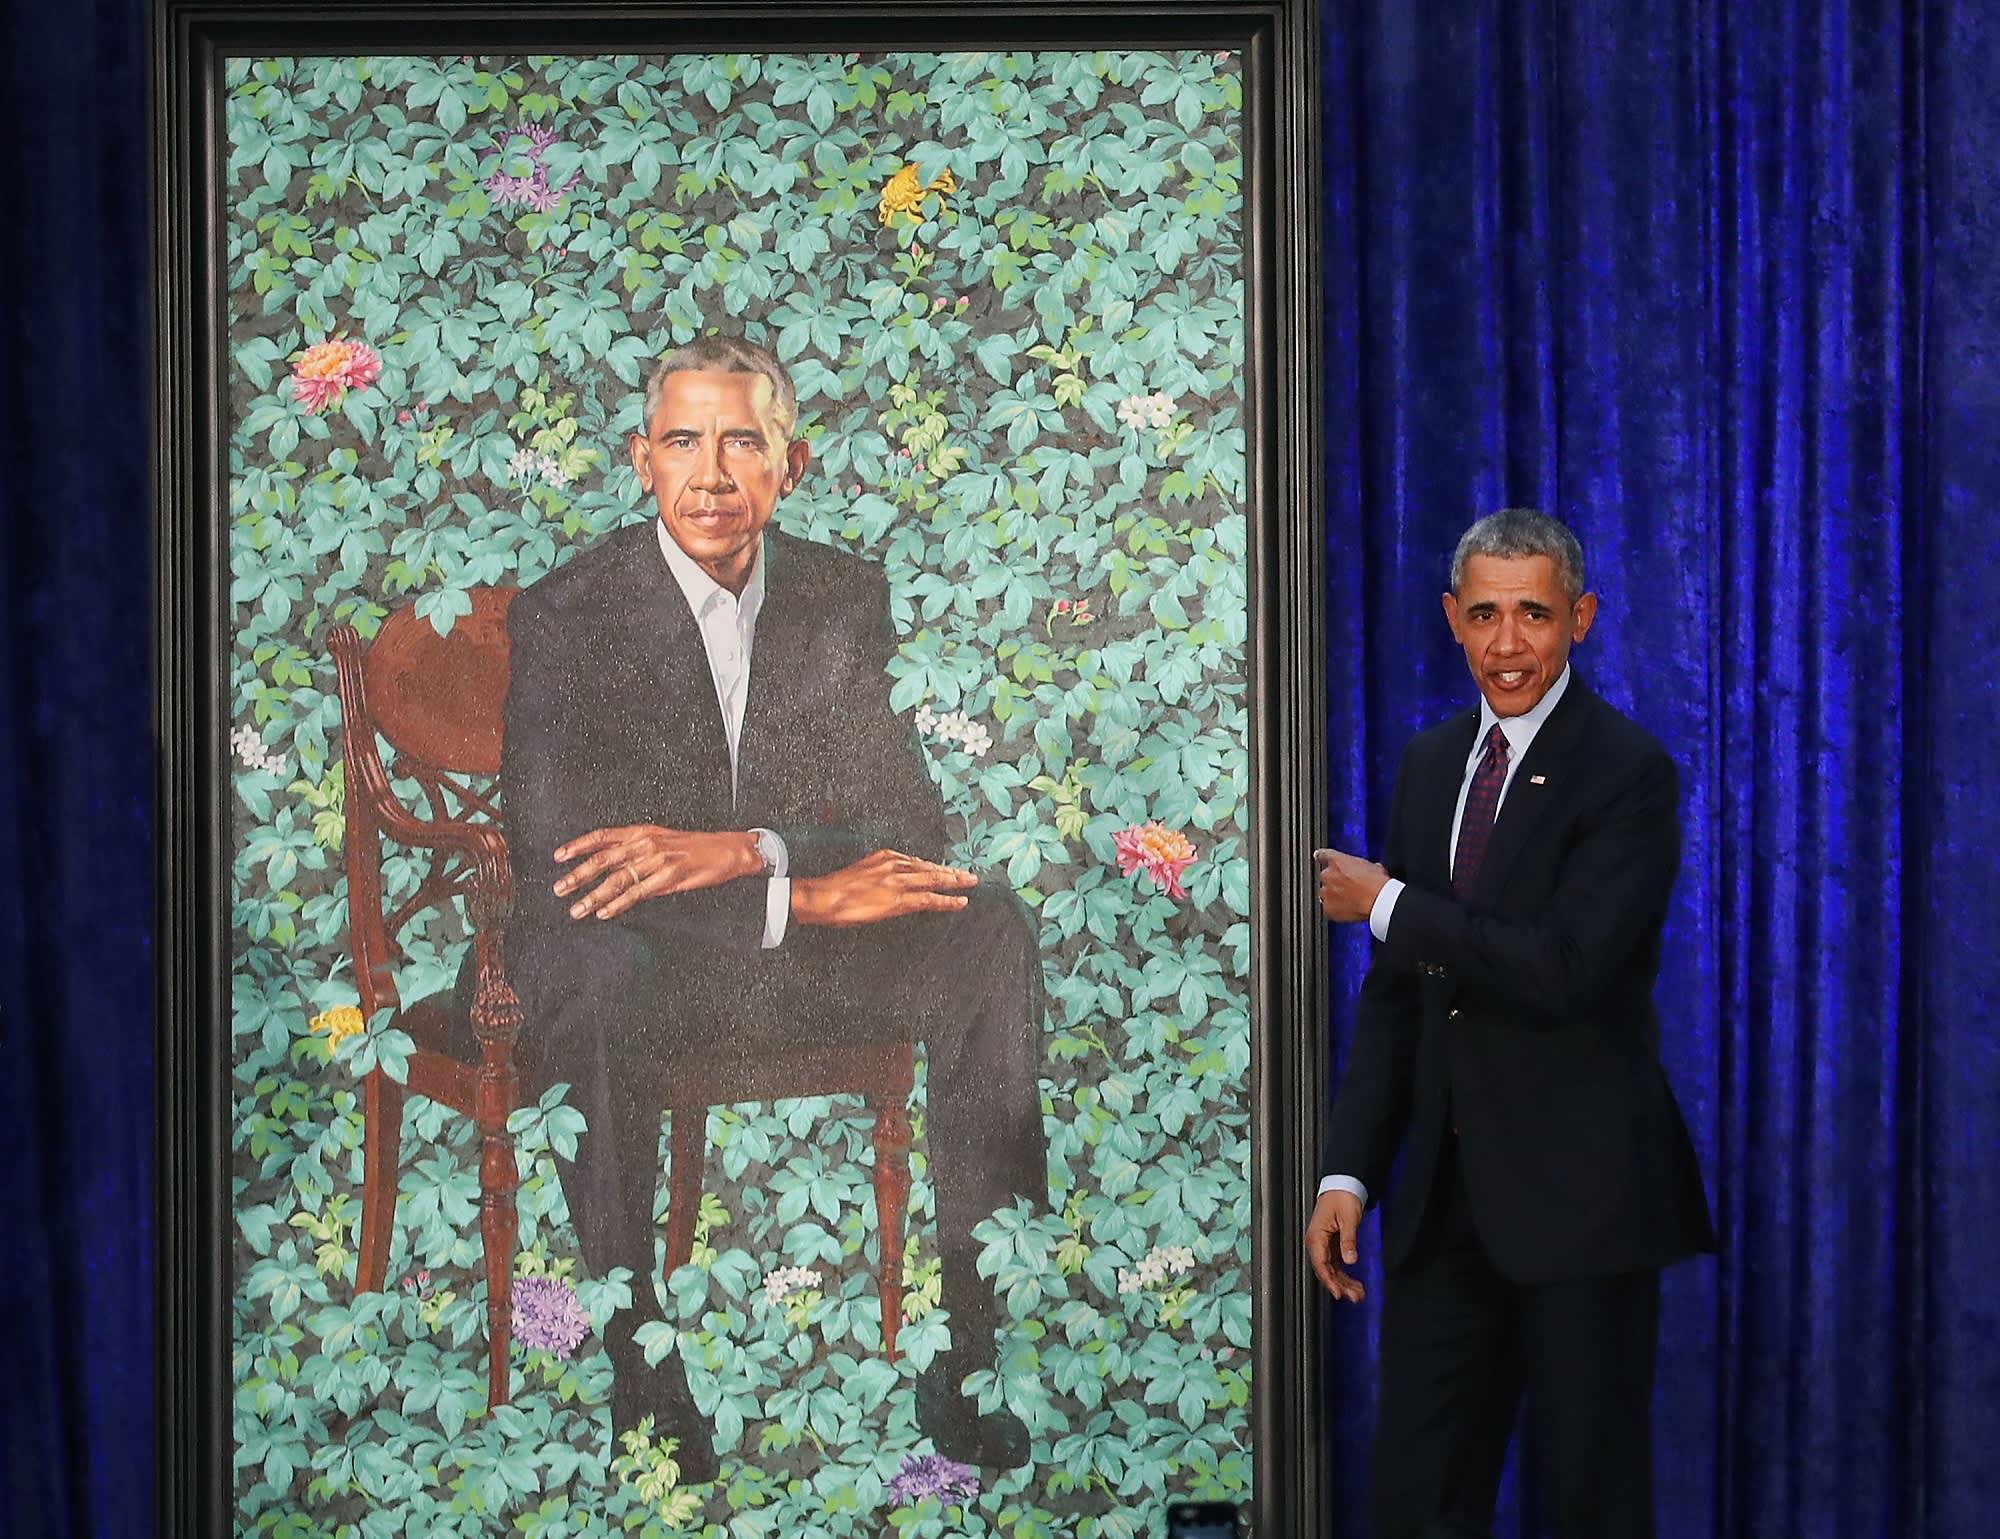 barack obama inauguration 2009